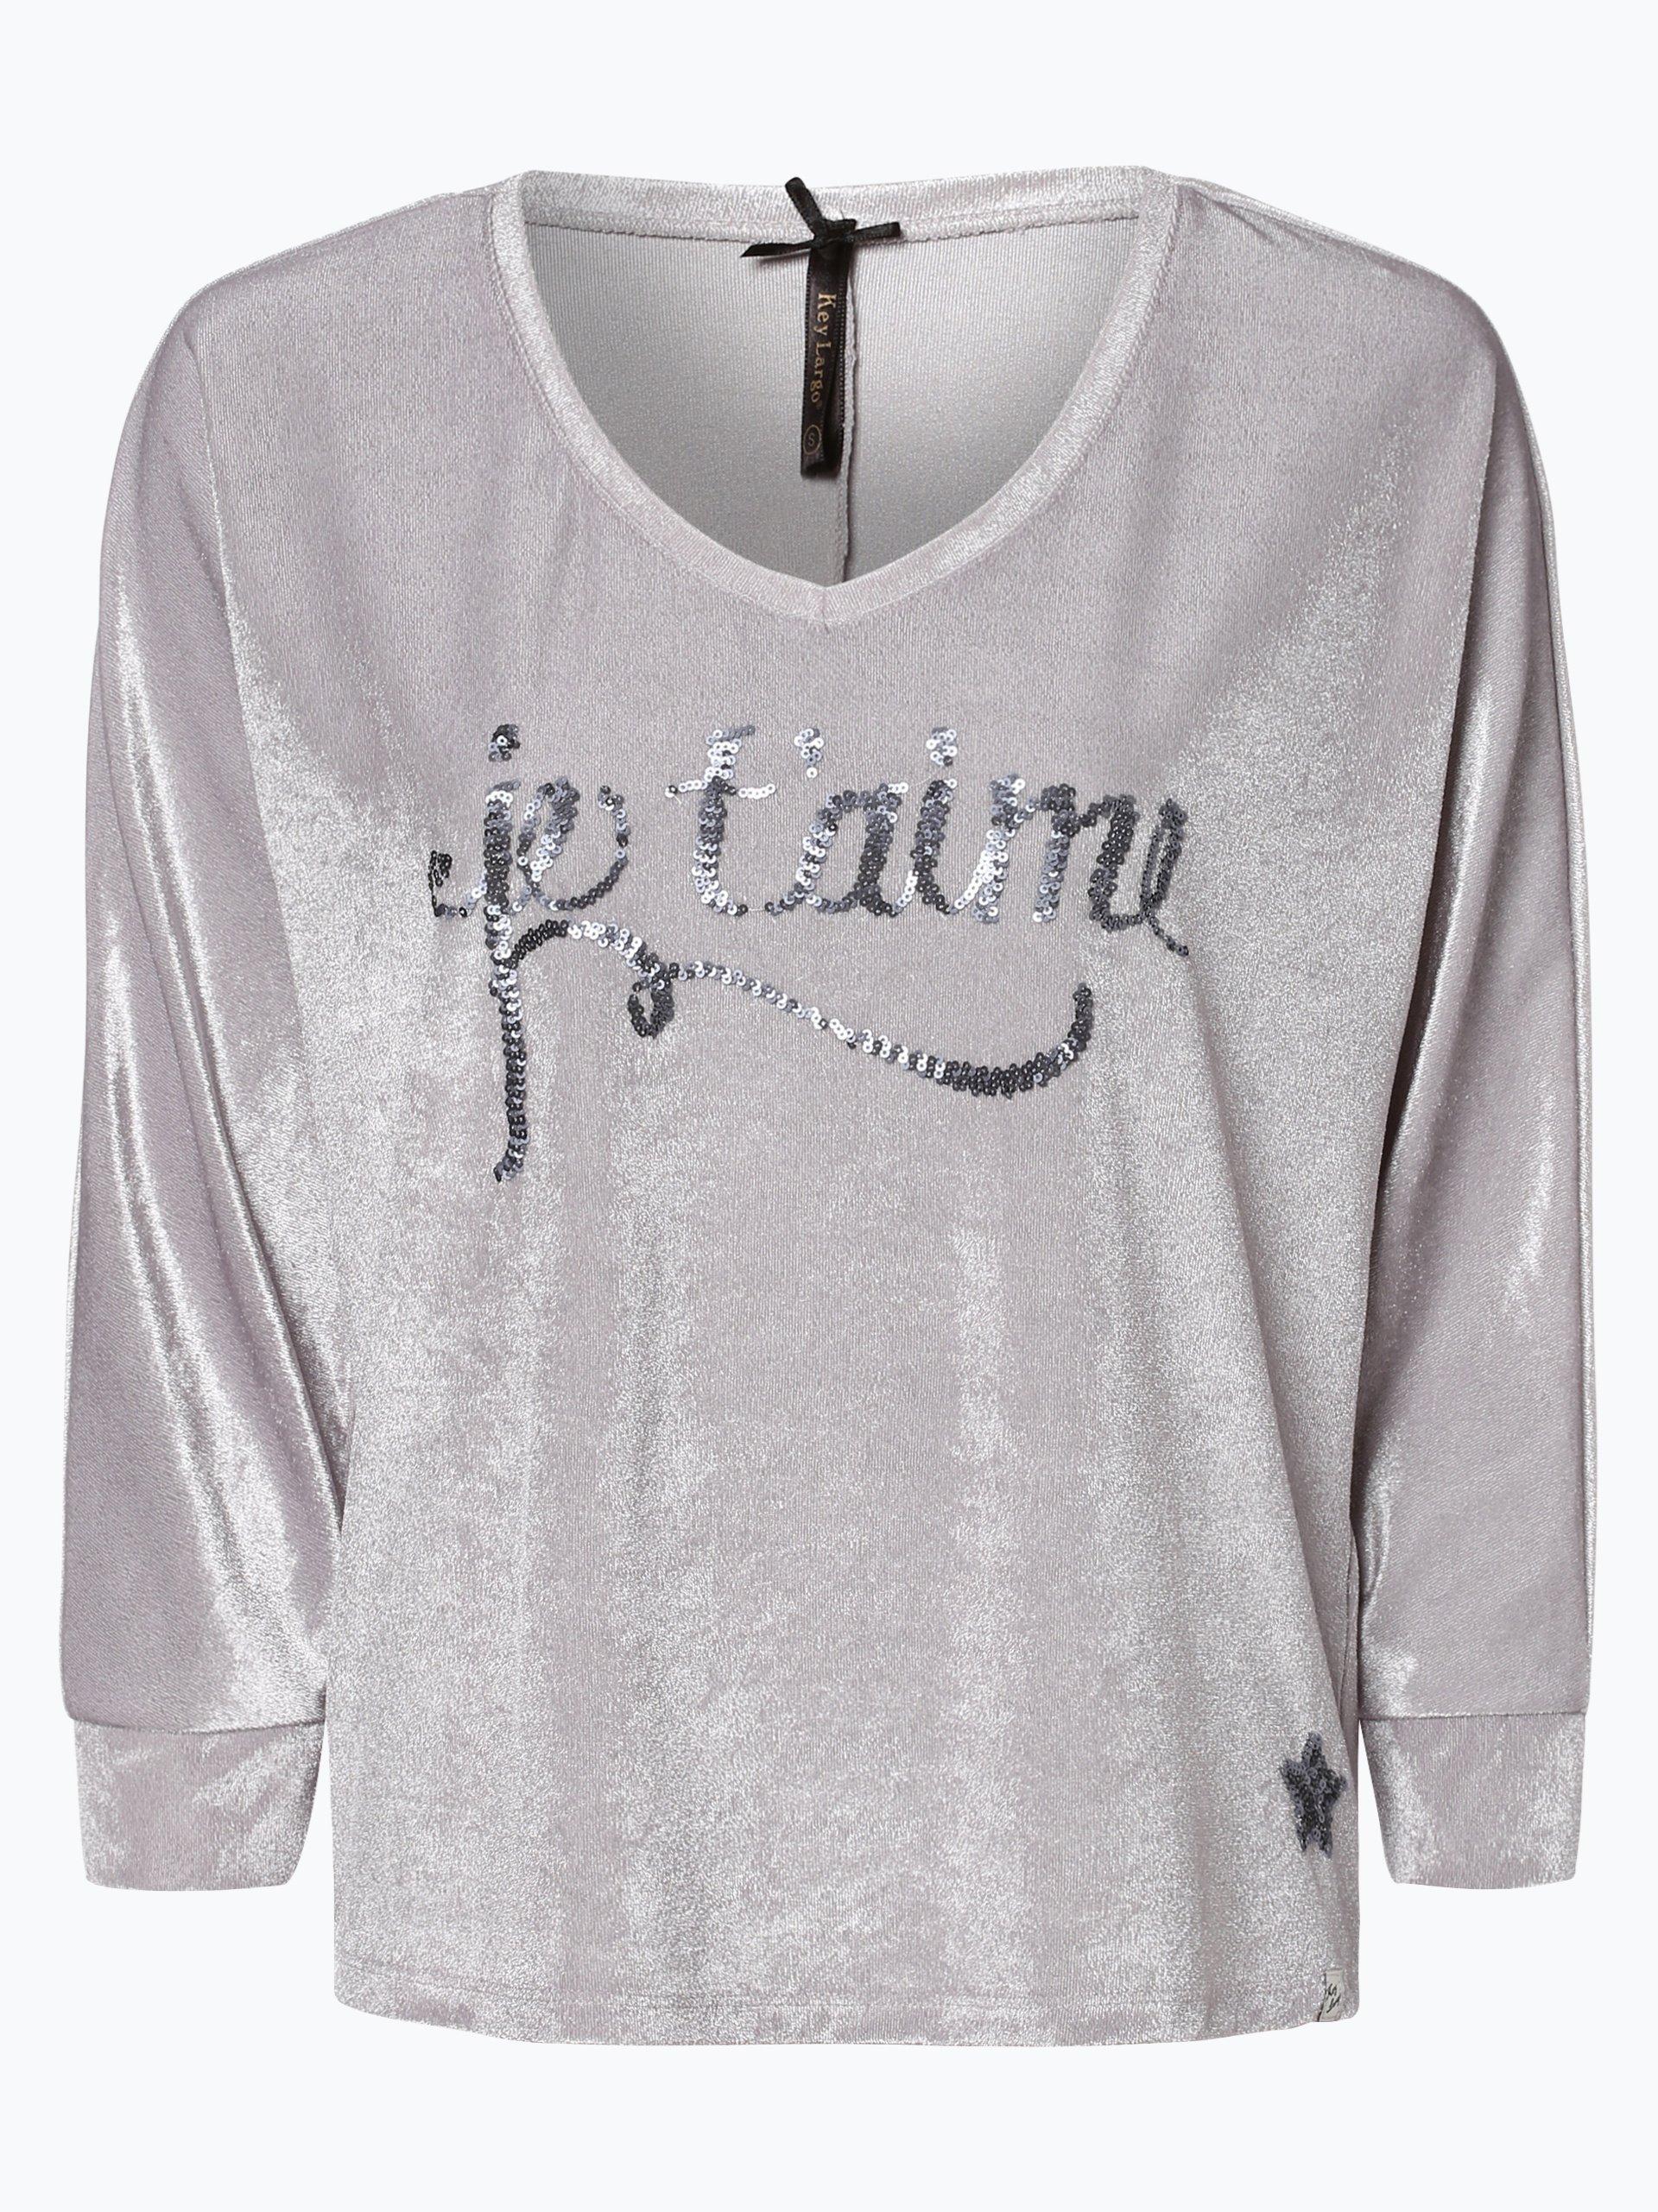 key largo damen shirt 2 online kaufen peek und cloppenburg de. Black Bedroom Furniture Sets. Home Design Ideas